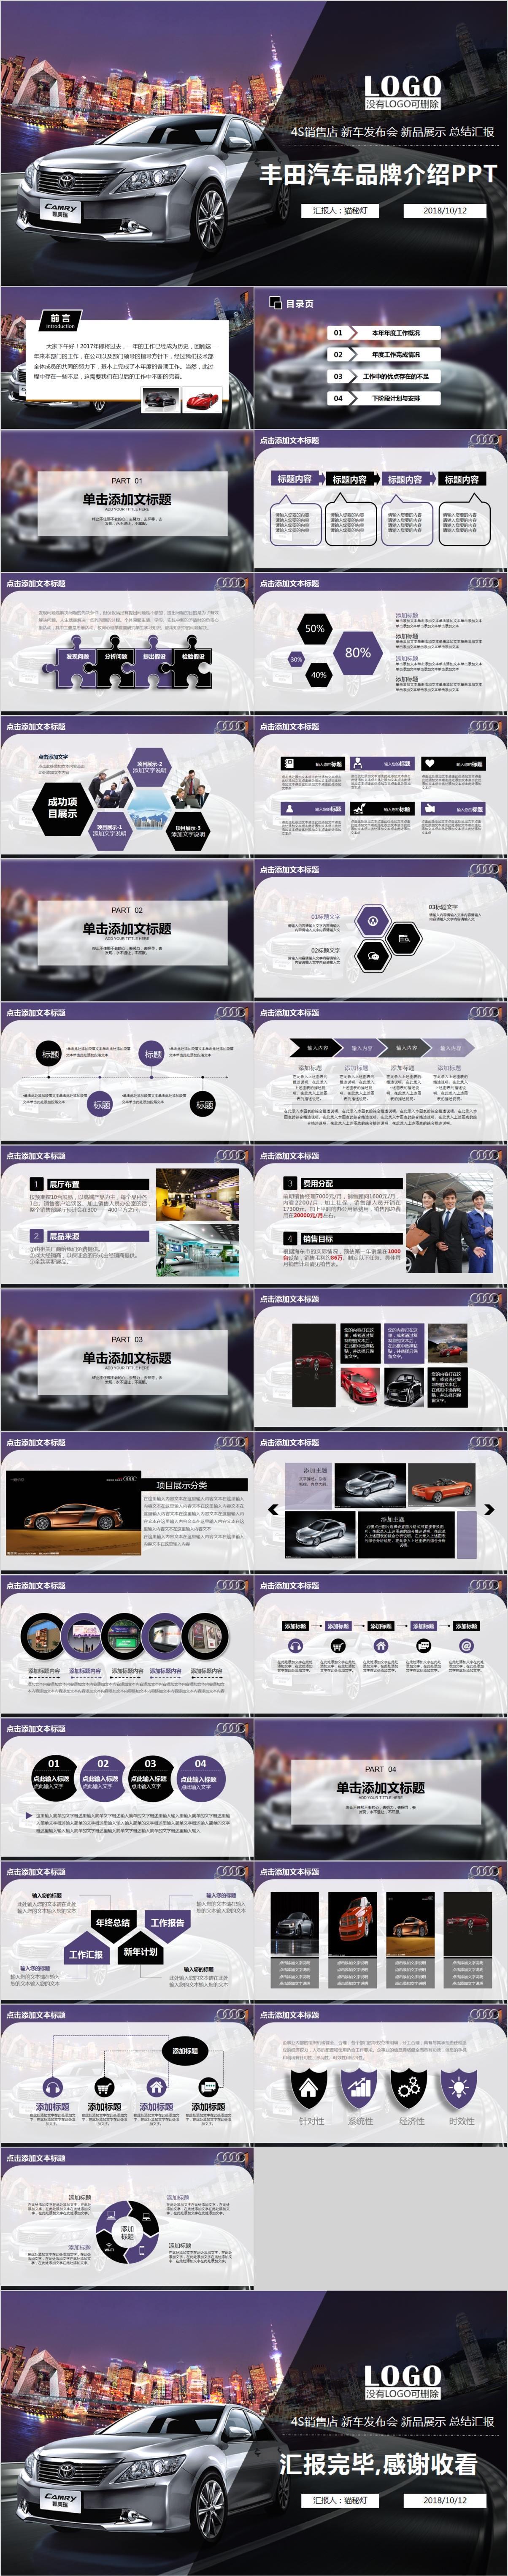 MD0028 丰田汽车品牌介绍PPT模板